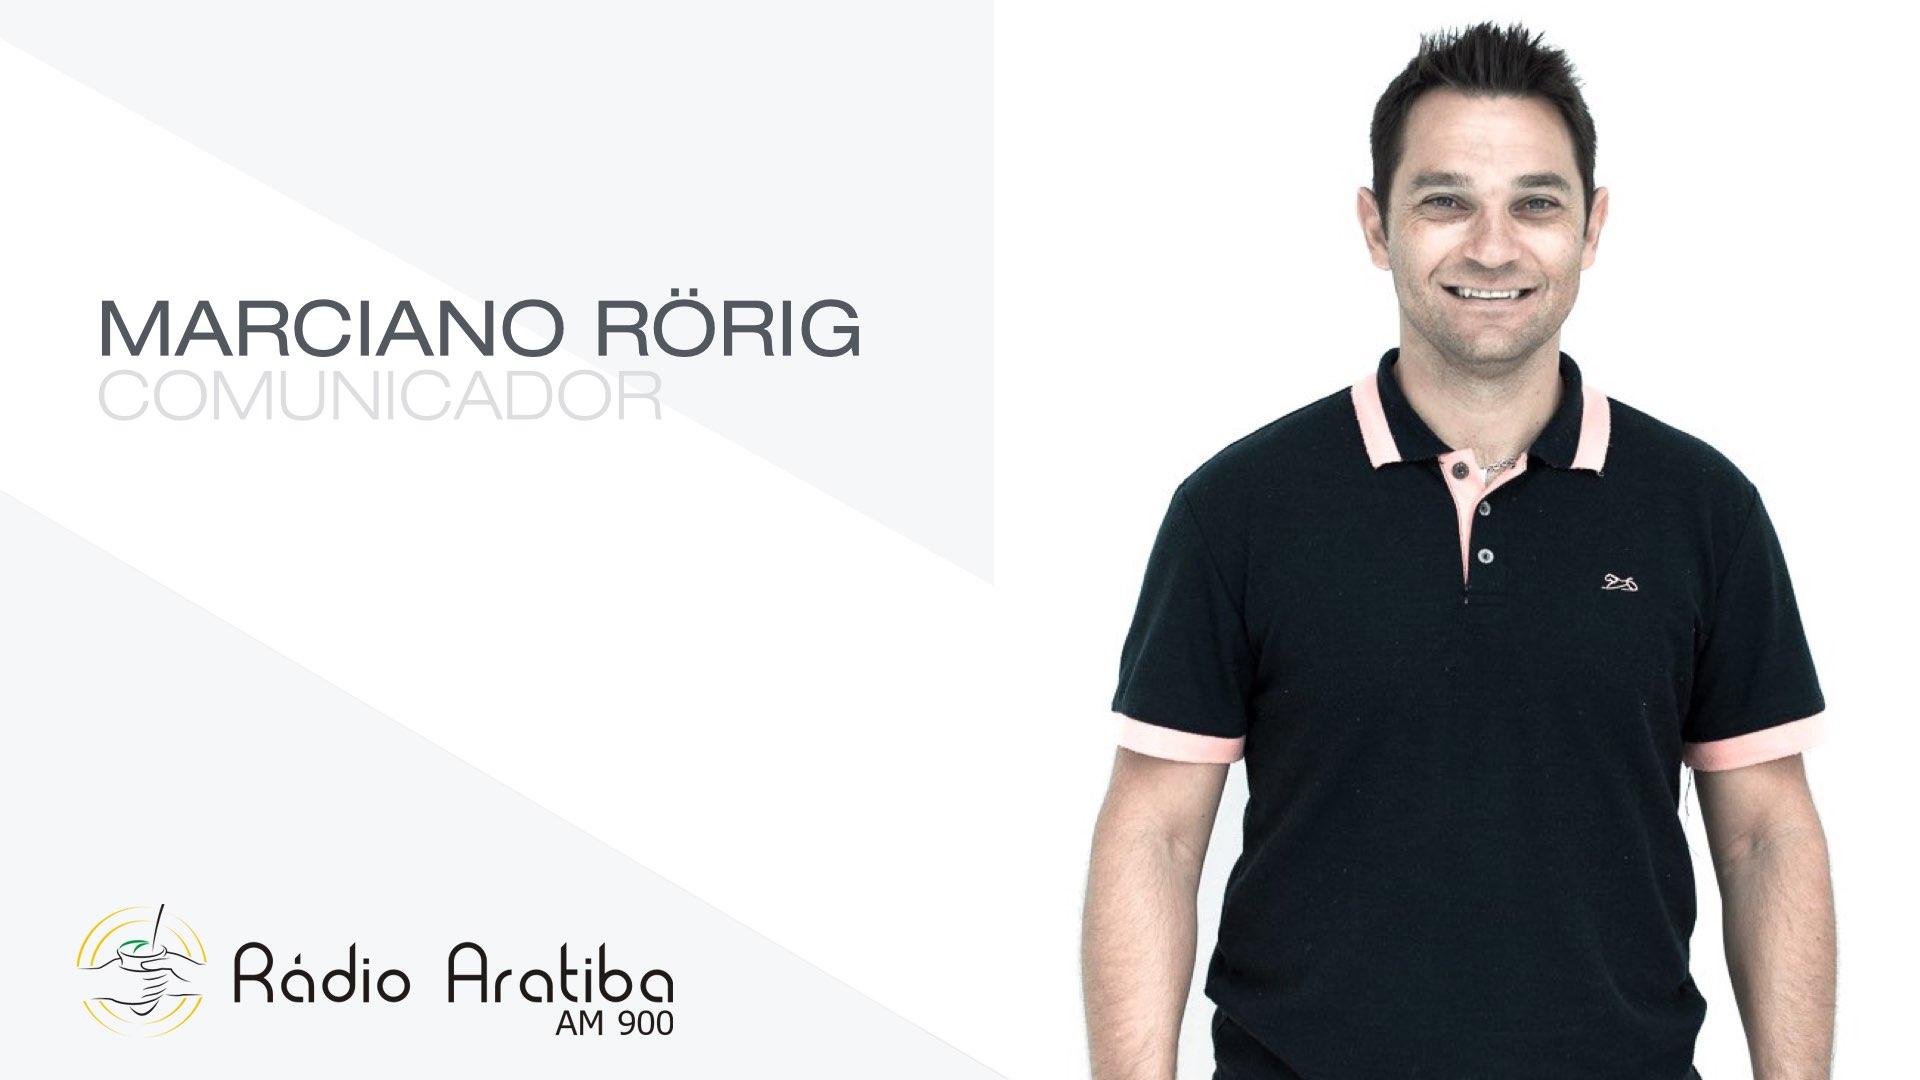 radio_aratiba_equipe_.007